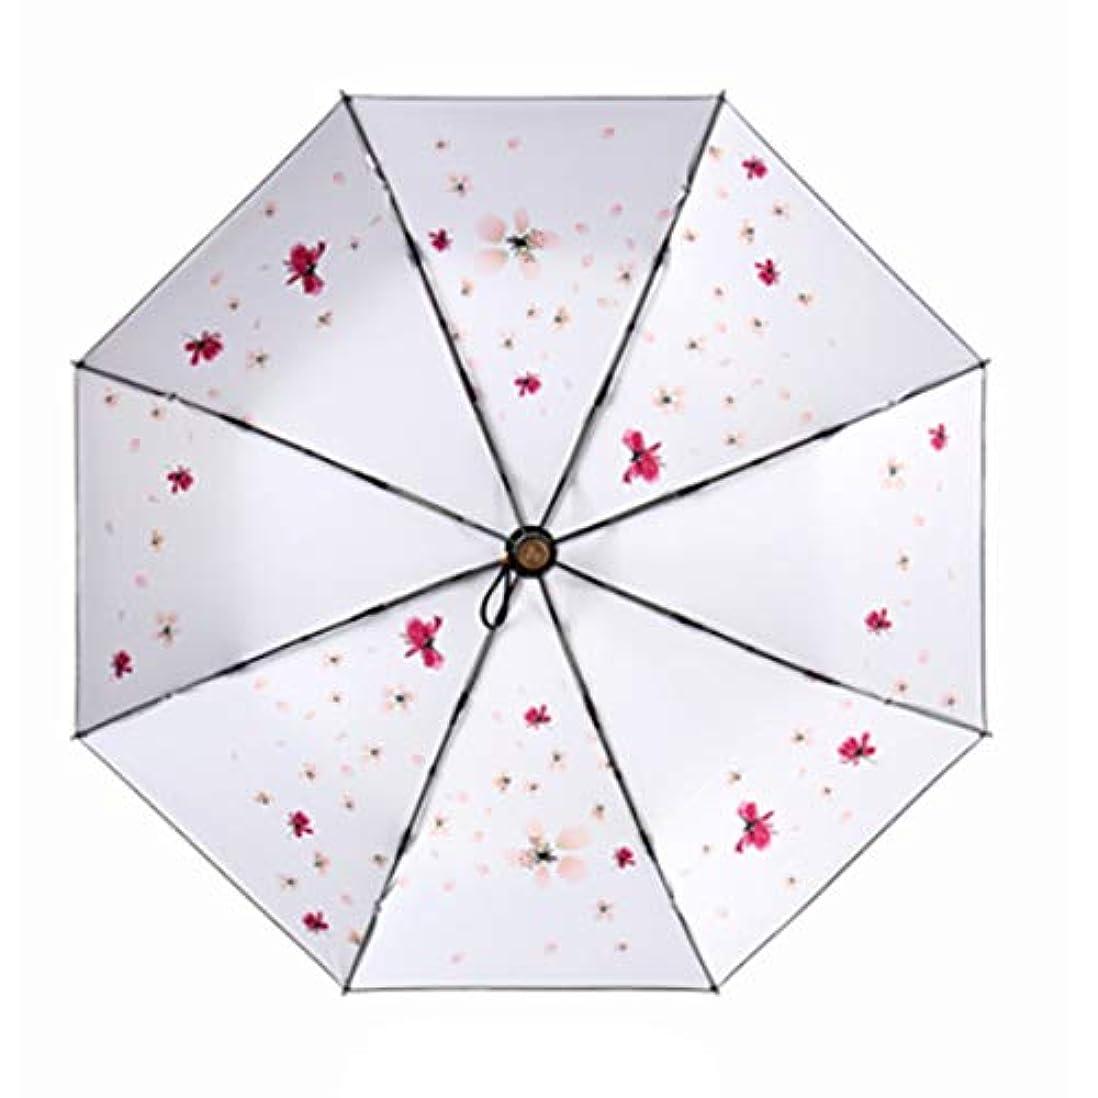 巧みな元気合理的HOHYLLYA 桜柄日傘紫外線保護日傘クリエイティブ折りたたみ雨日デュアルユースブラック傘ポータブル折りたたみ傘 sunshade (色 : ホワイト)